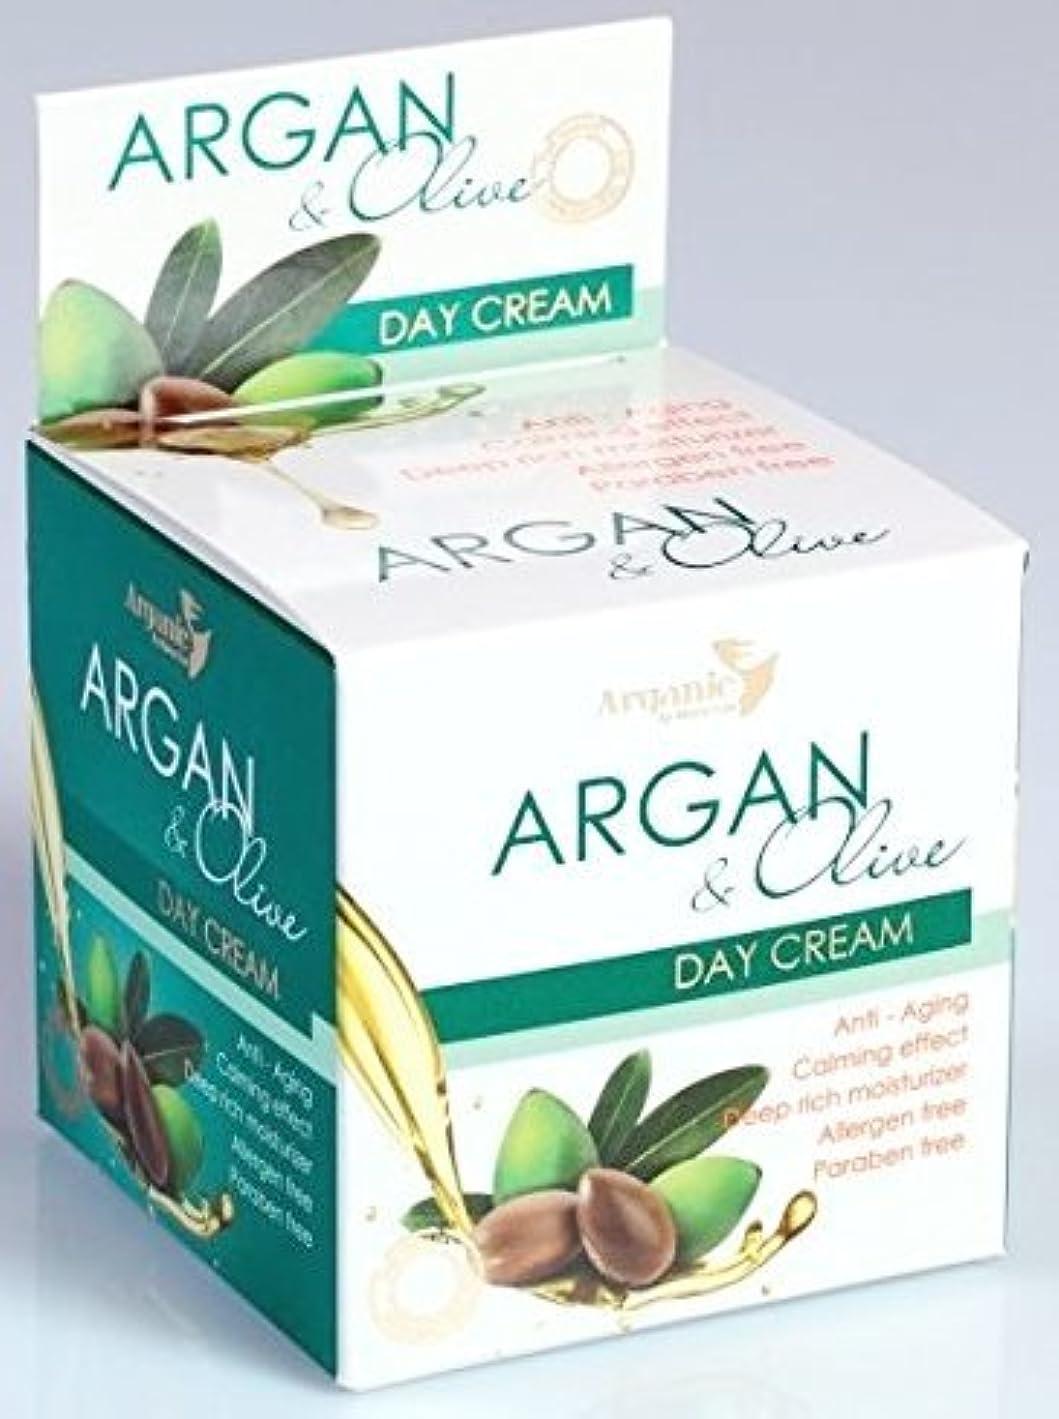 おめでとうきれいによろしくArgan アルガン&オリーブデイクリーム 50ml